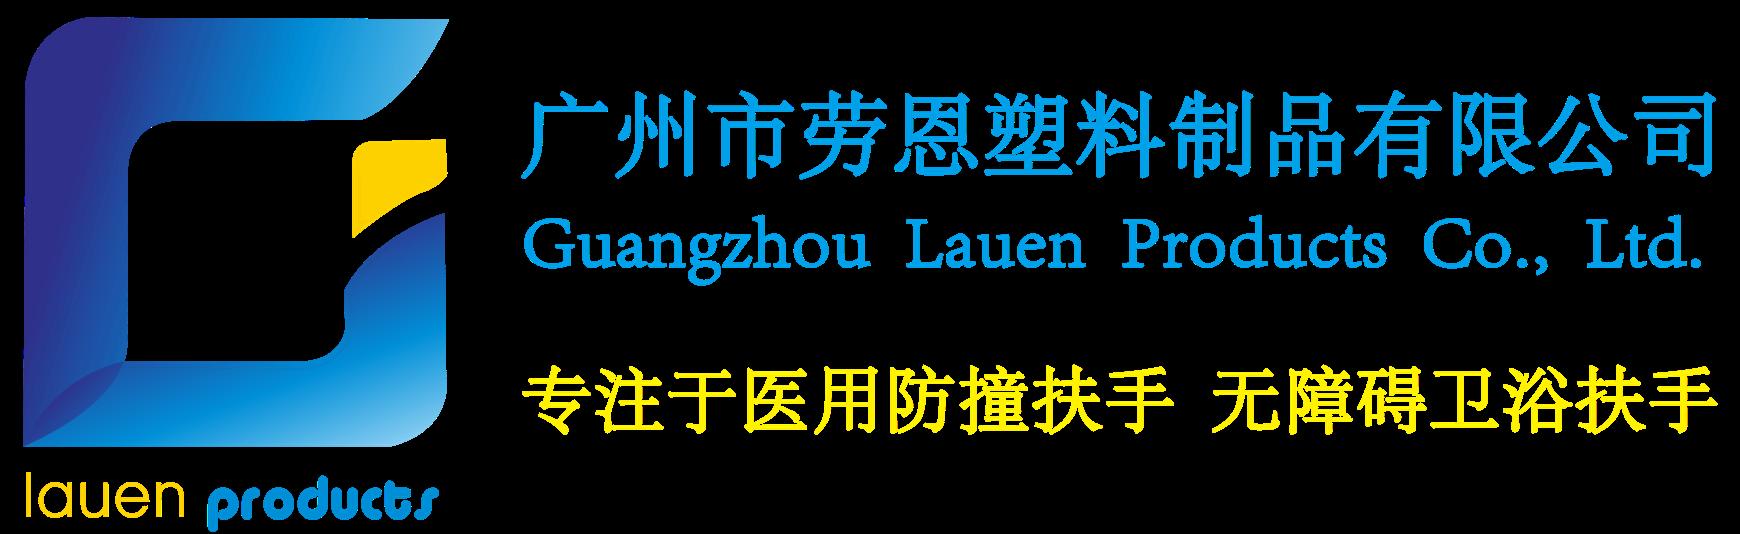 广州市劳恩塑料制品有限公司-2018中国国际福祉博览会暨中国国际康复博览会